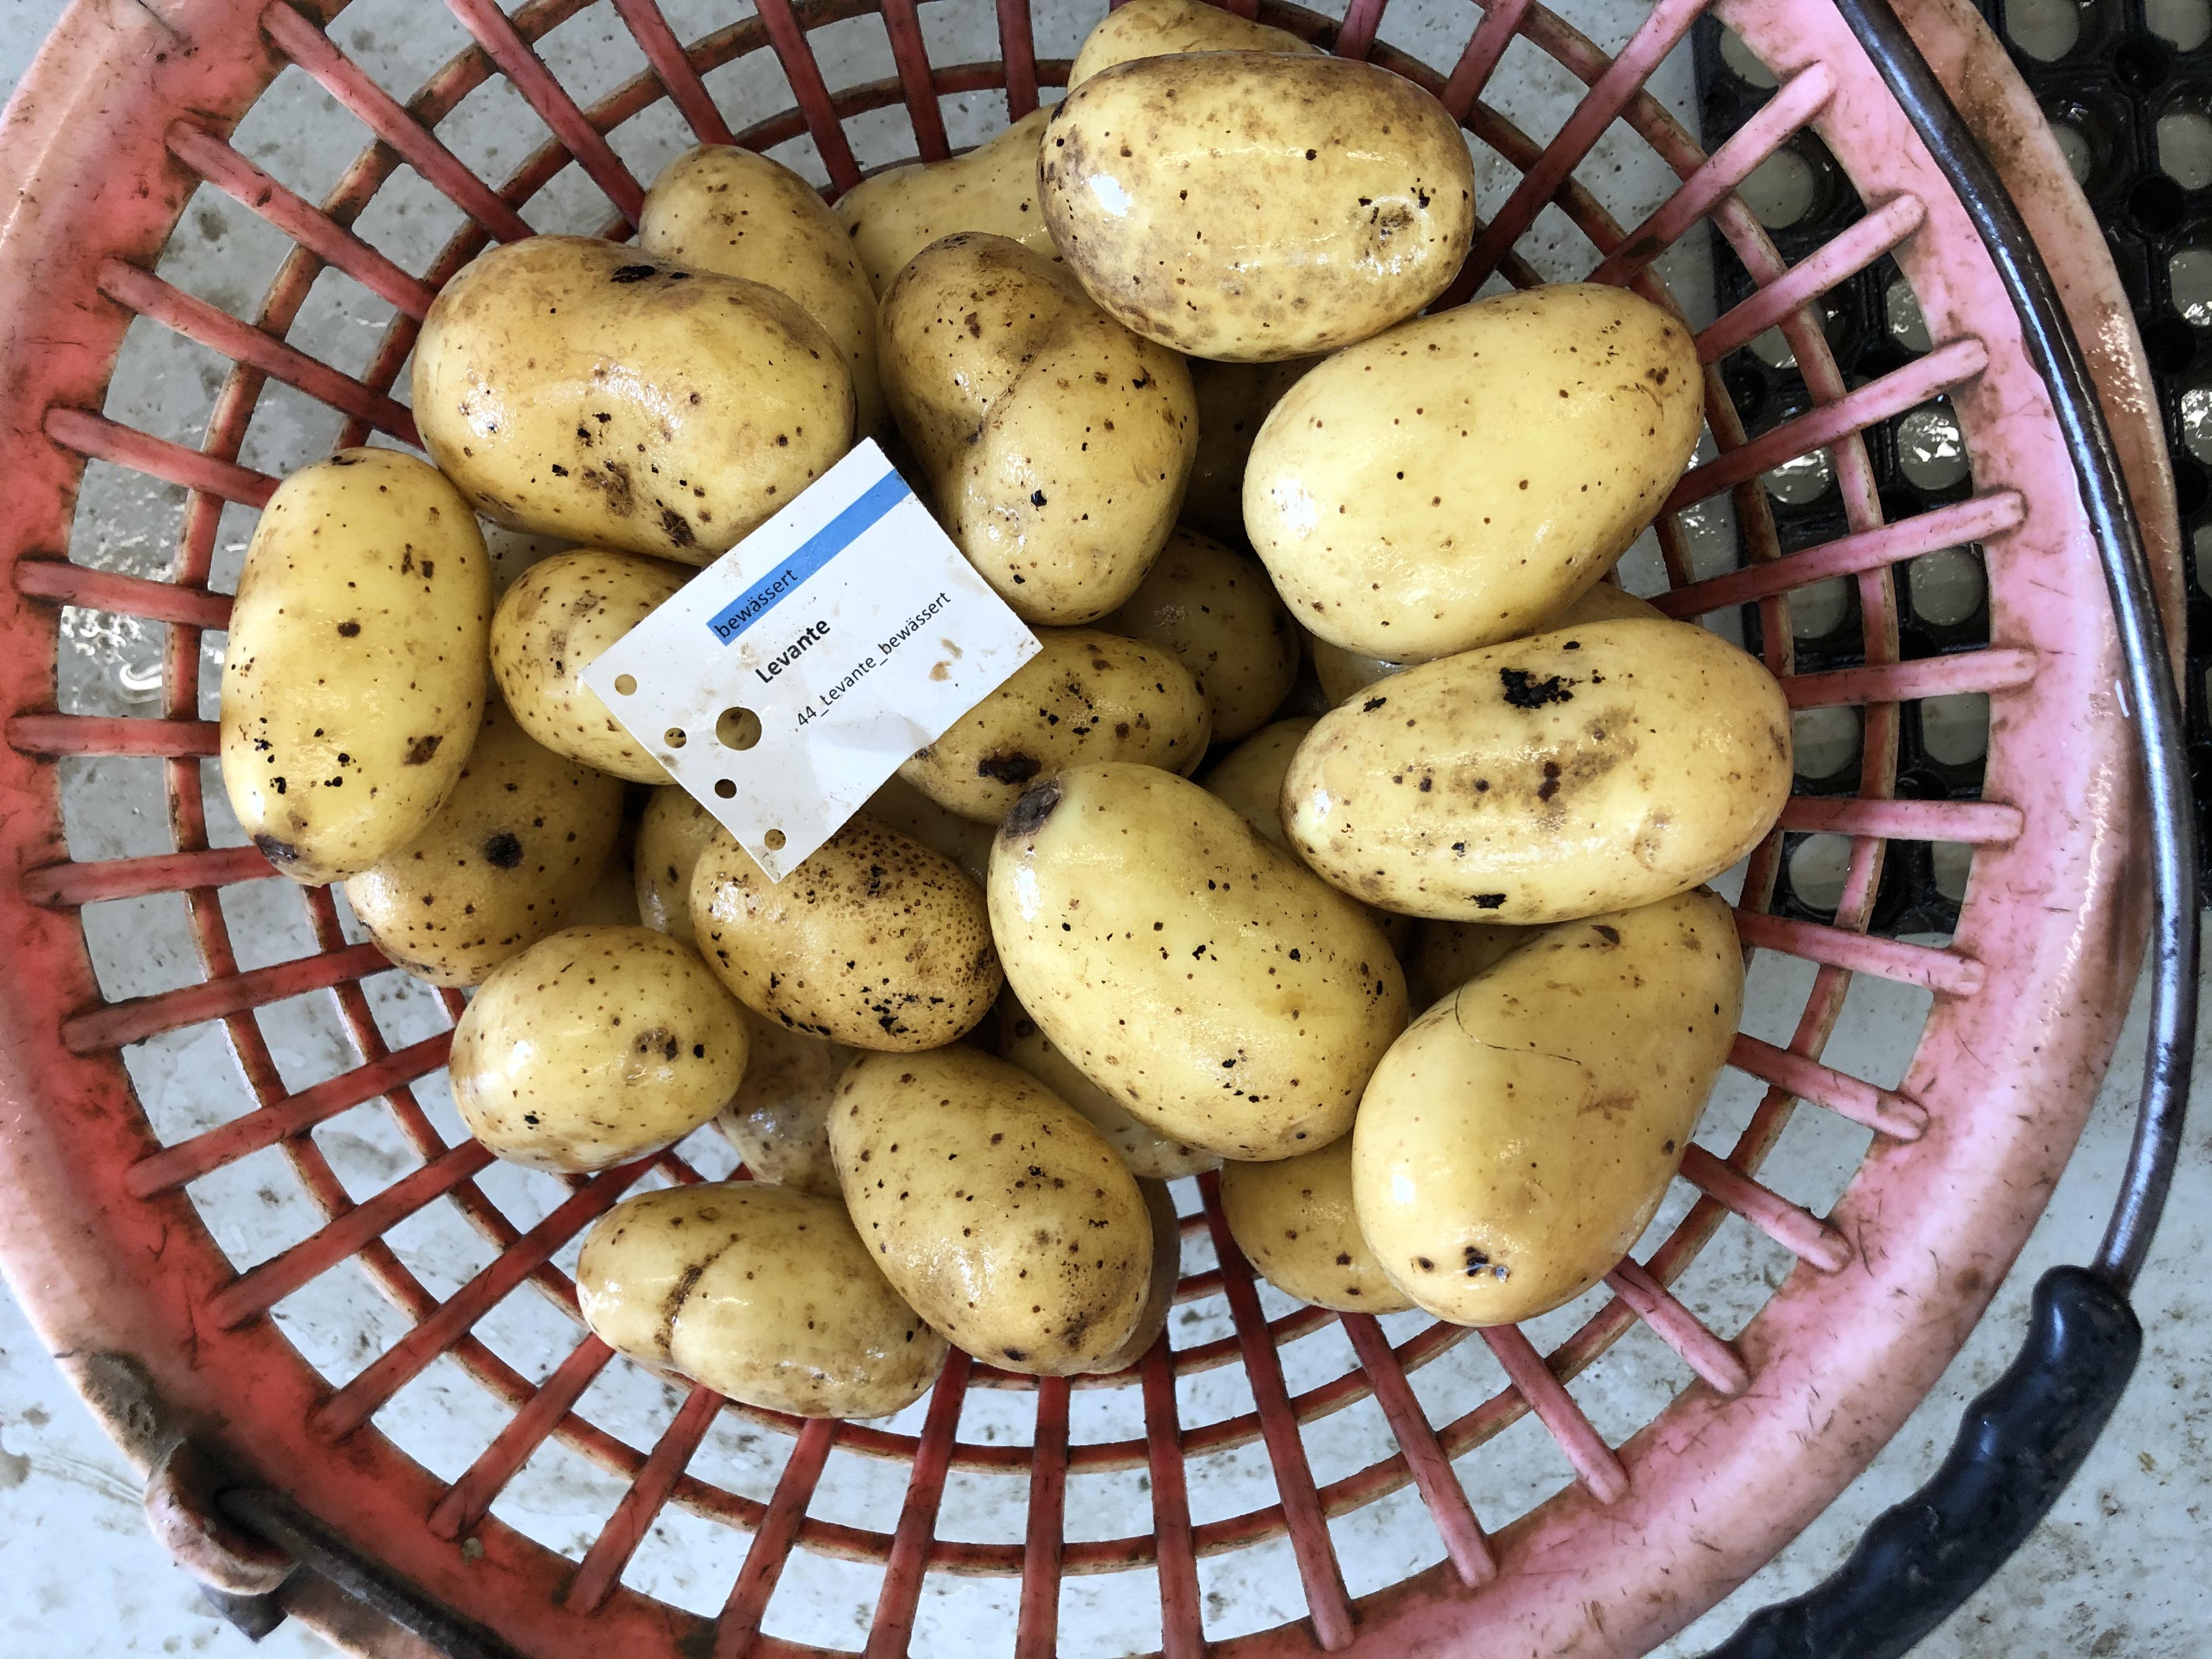 Waschprobe Sorte Levante, Sortenversuch Kartoffeln, Humlikon 2020